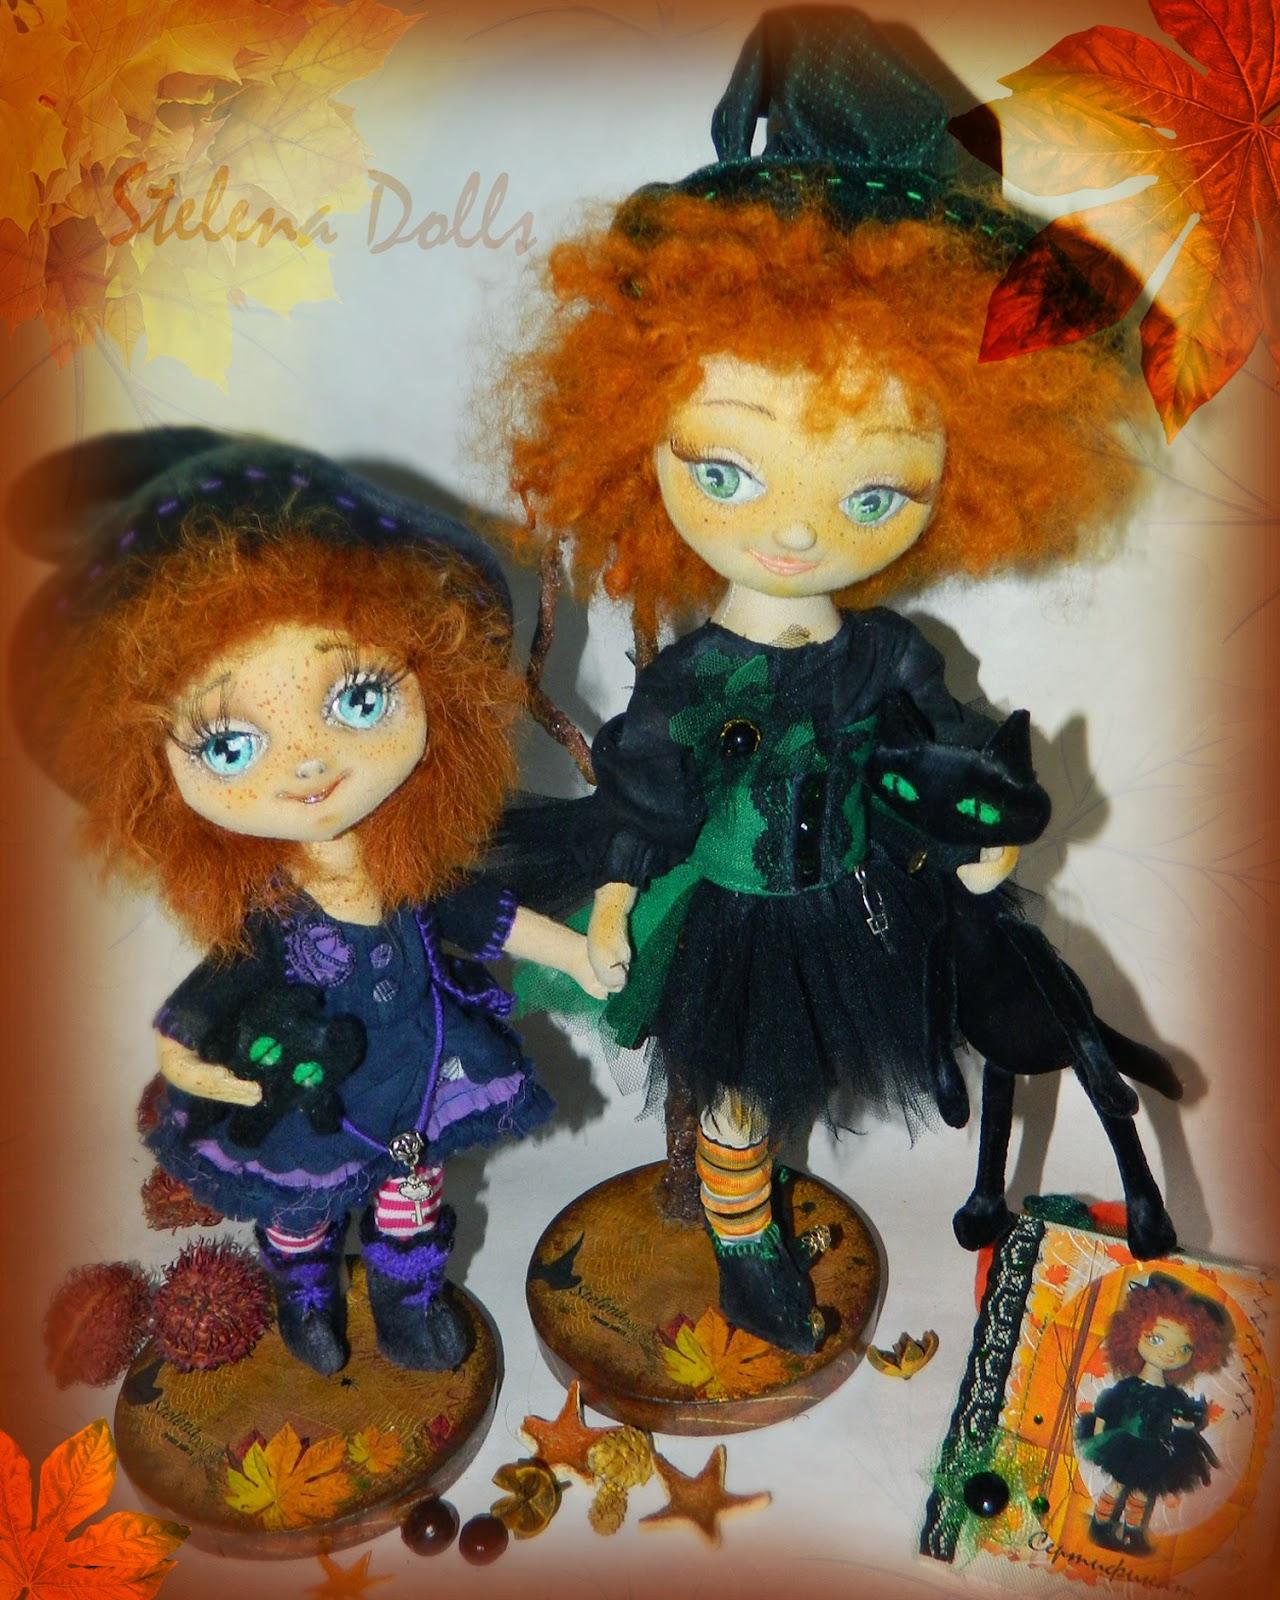 авторская текстильная кукла stelena dolls